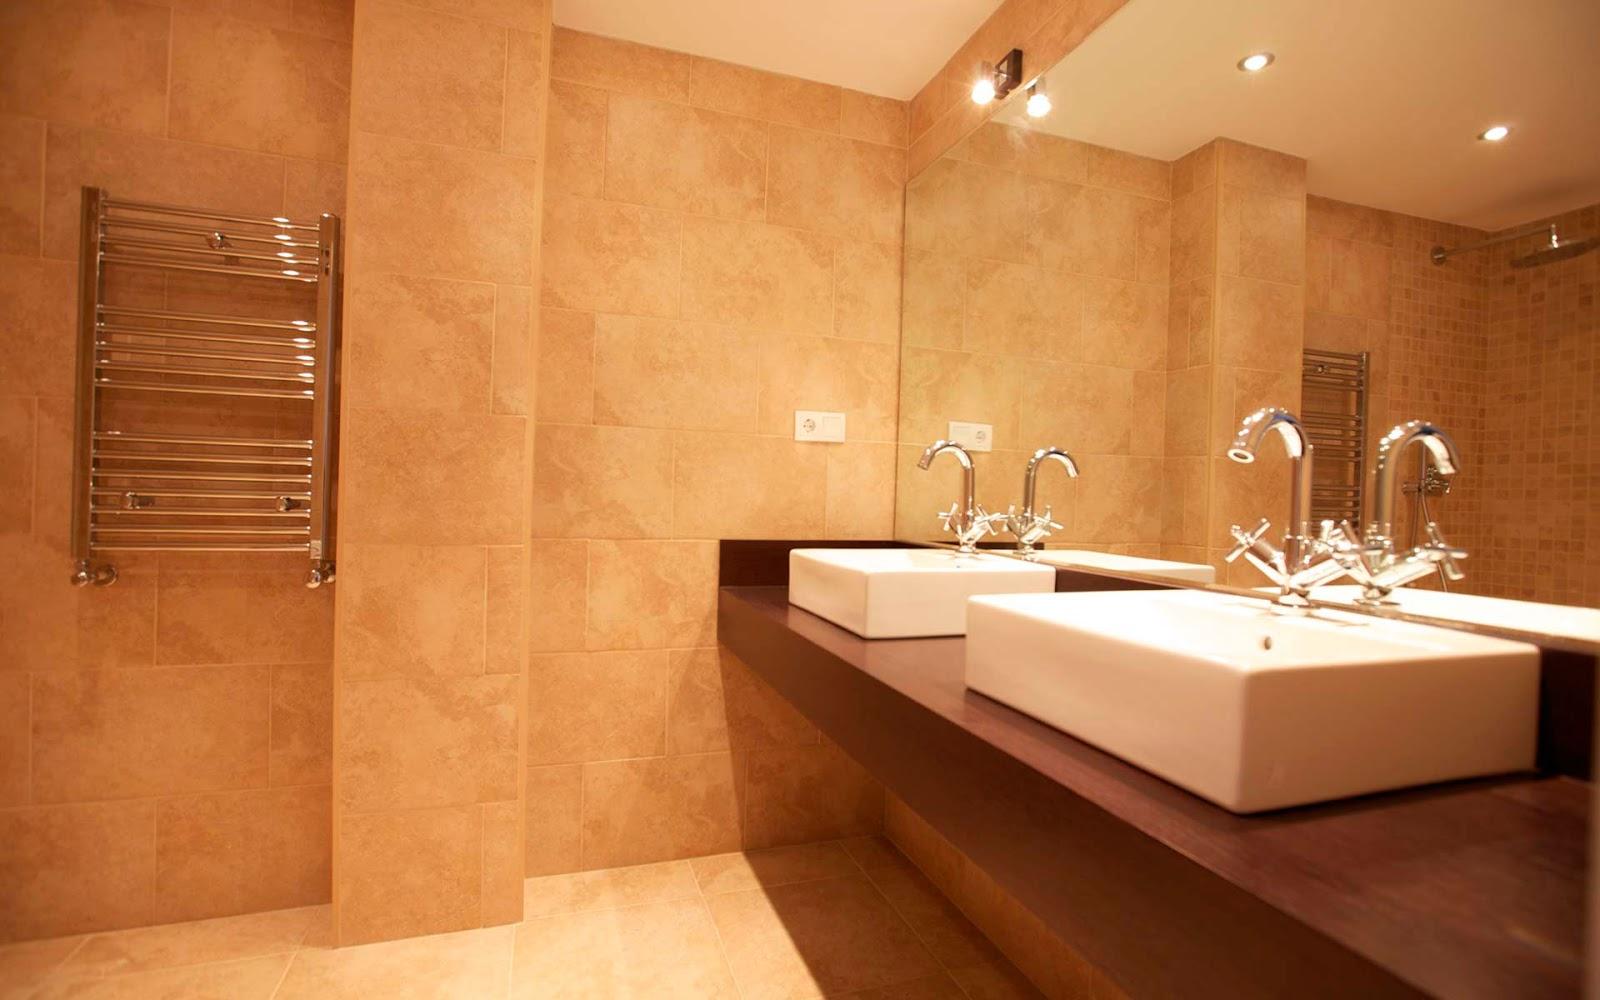 Reformas en cuartos de baño - Reformas integrales en Zaragoza ...